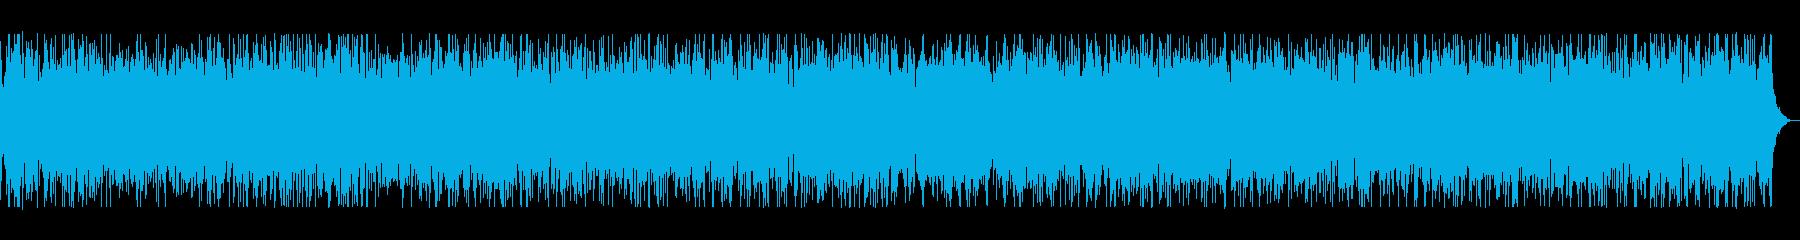 疾走感のある民族的フィドル演奏[6分間]の再生済みの波形